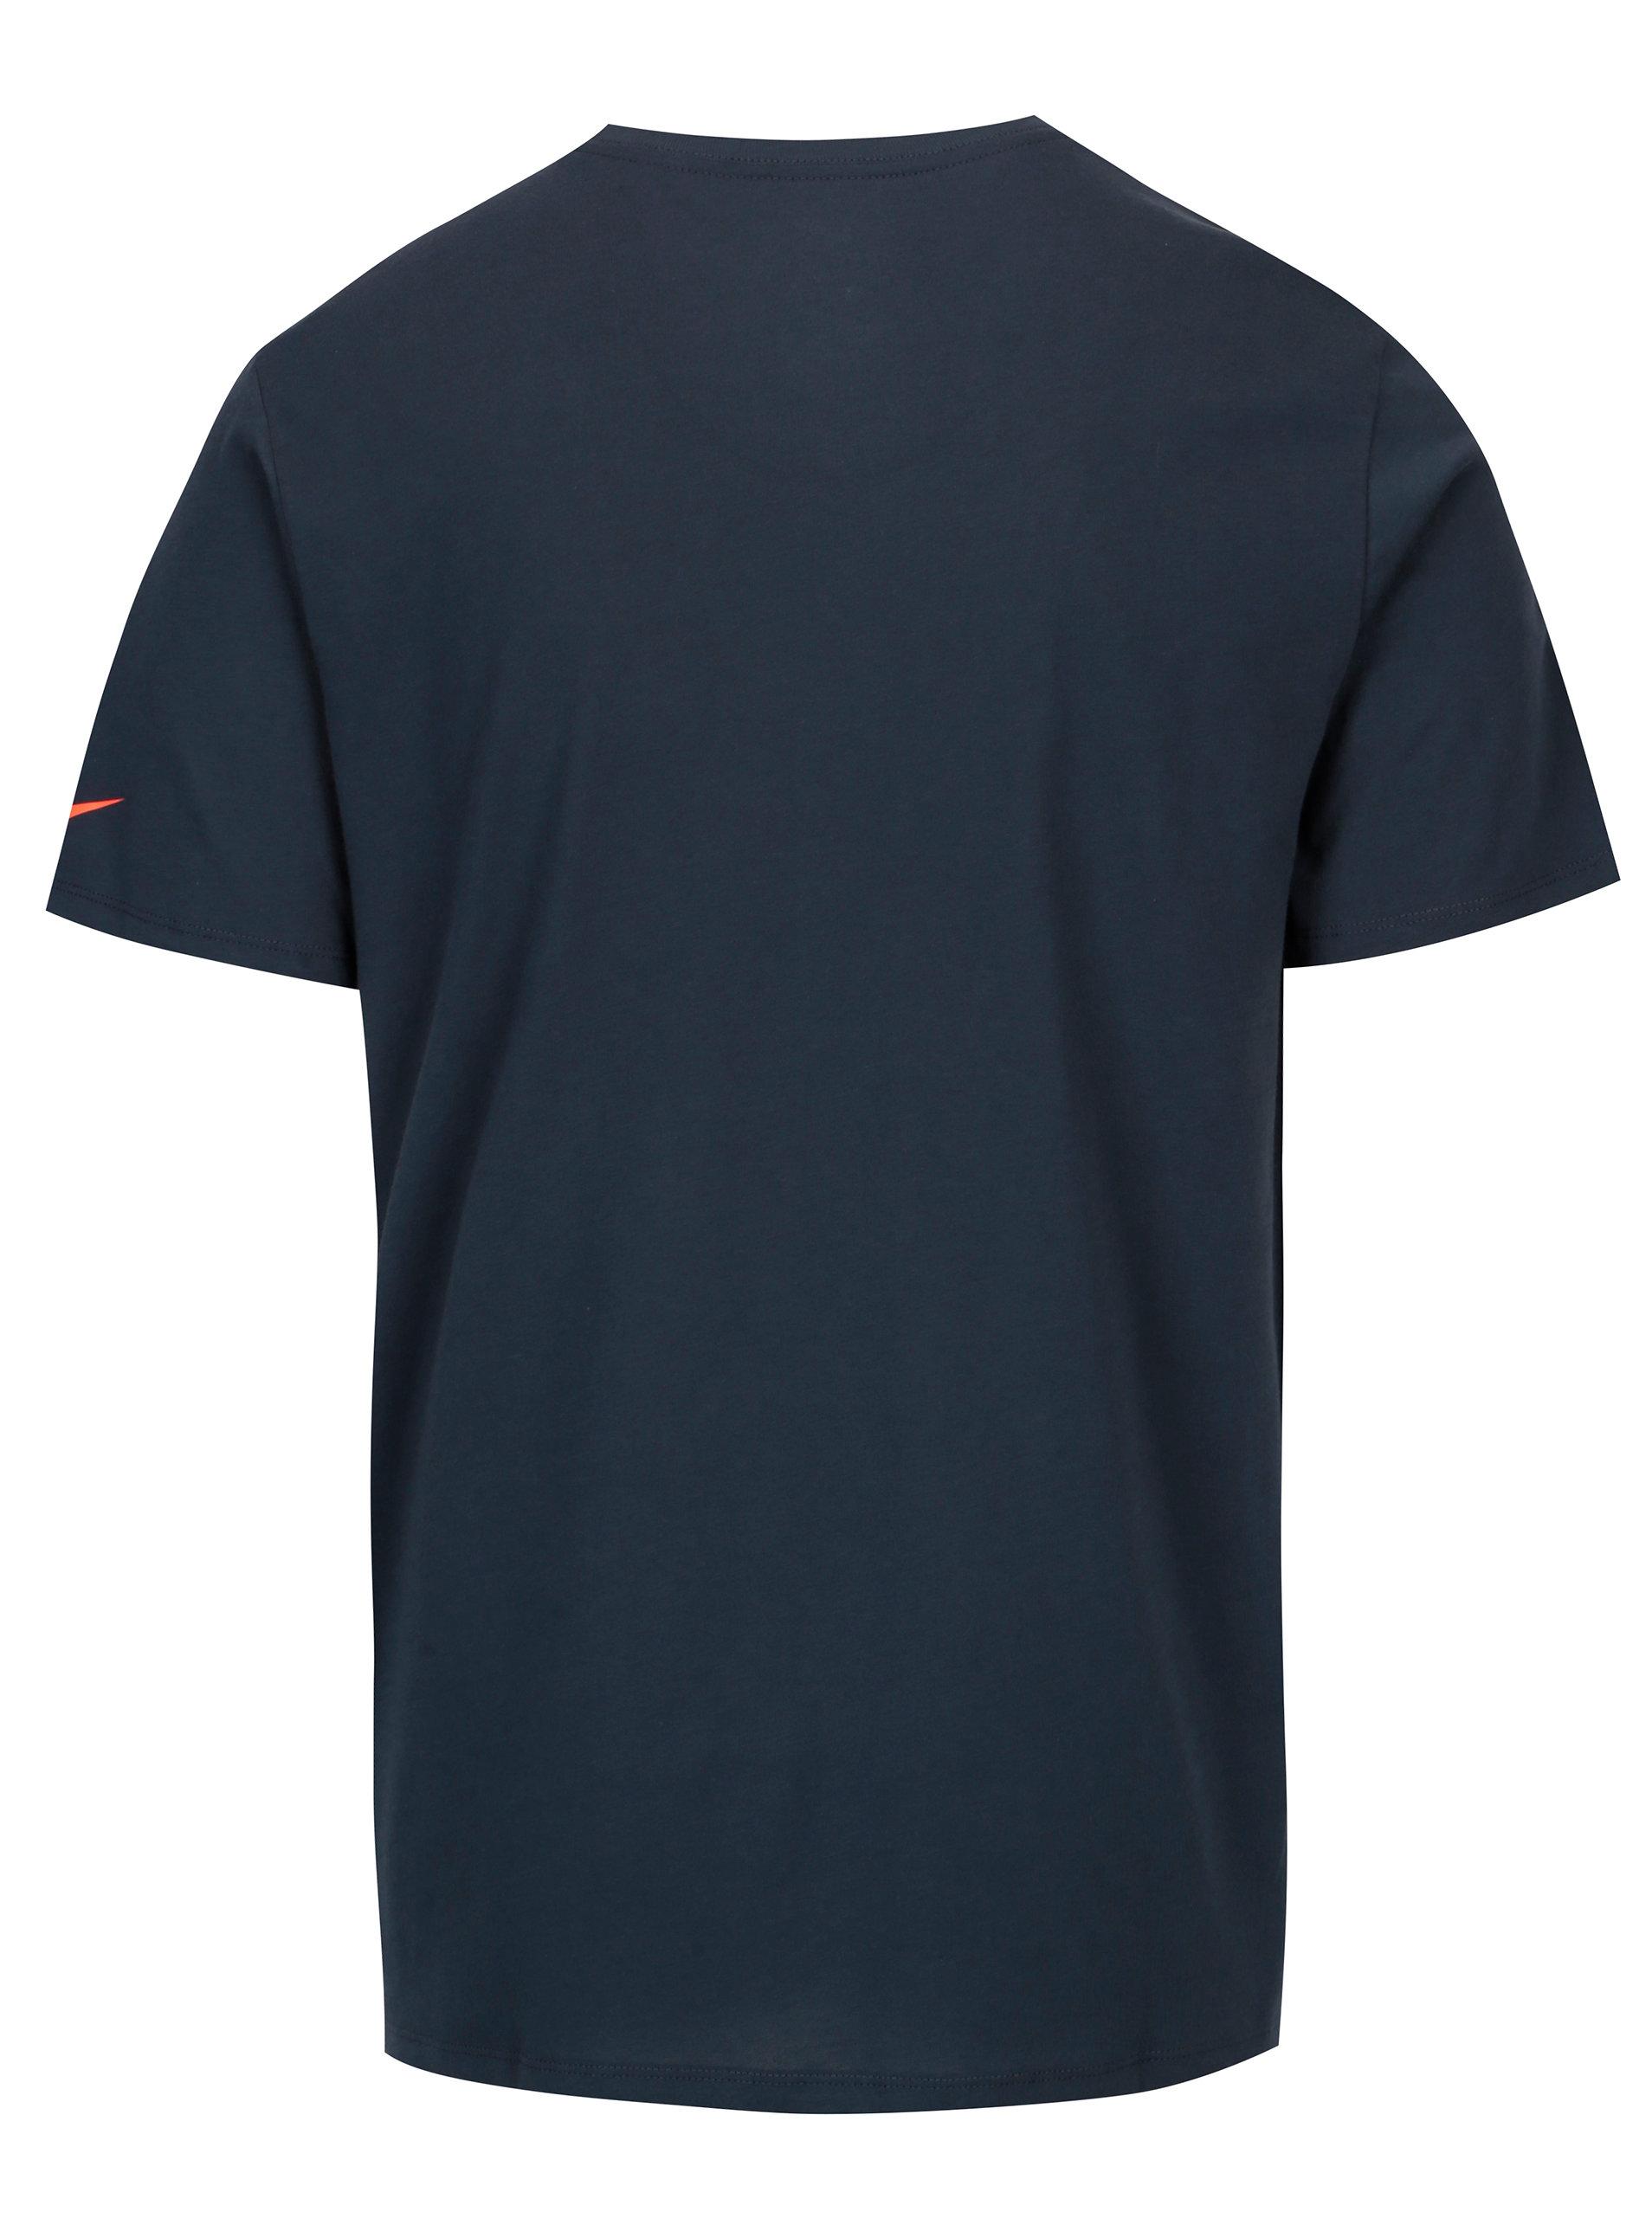 6cb3f16e2b4b Tmavomodré pánske funkčné tričko s neónovou potlačou Nike ...